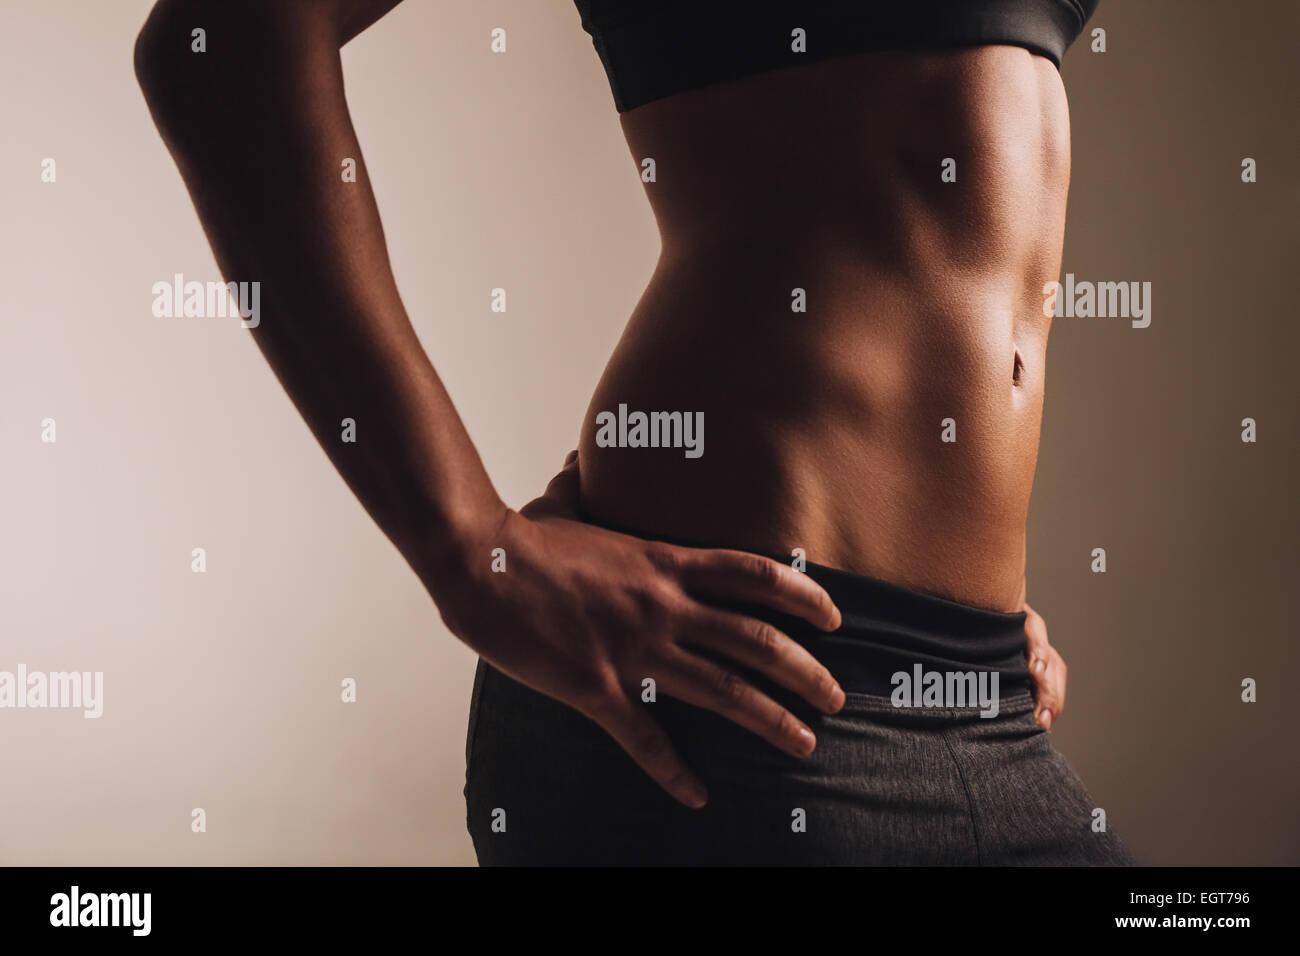 Close-up shot di giovane donna con cintura muscolare dei muscoli addominali. Abs di montare atleta femminile. Immagini Stock